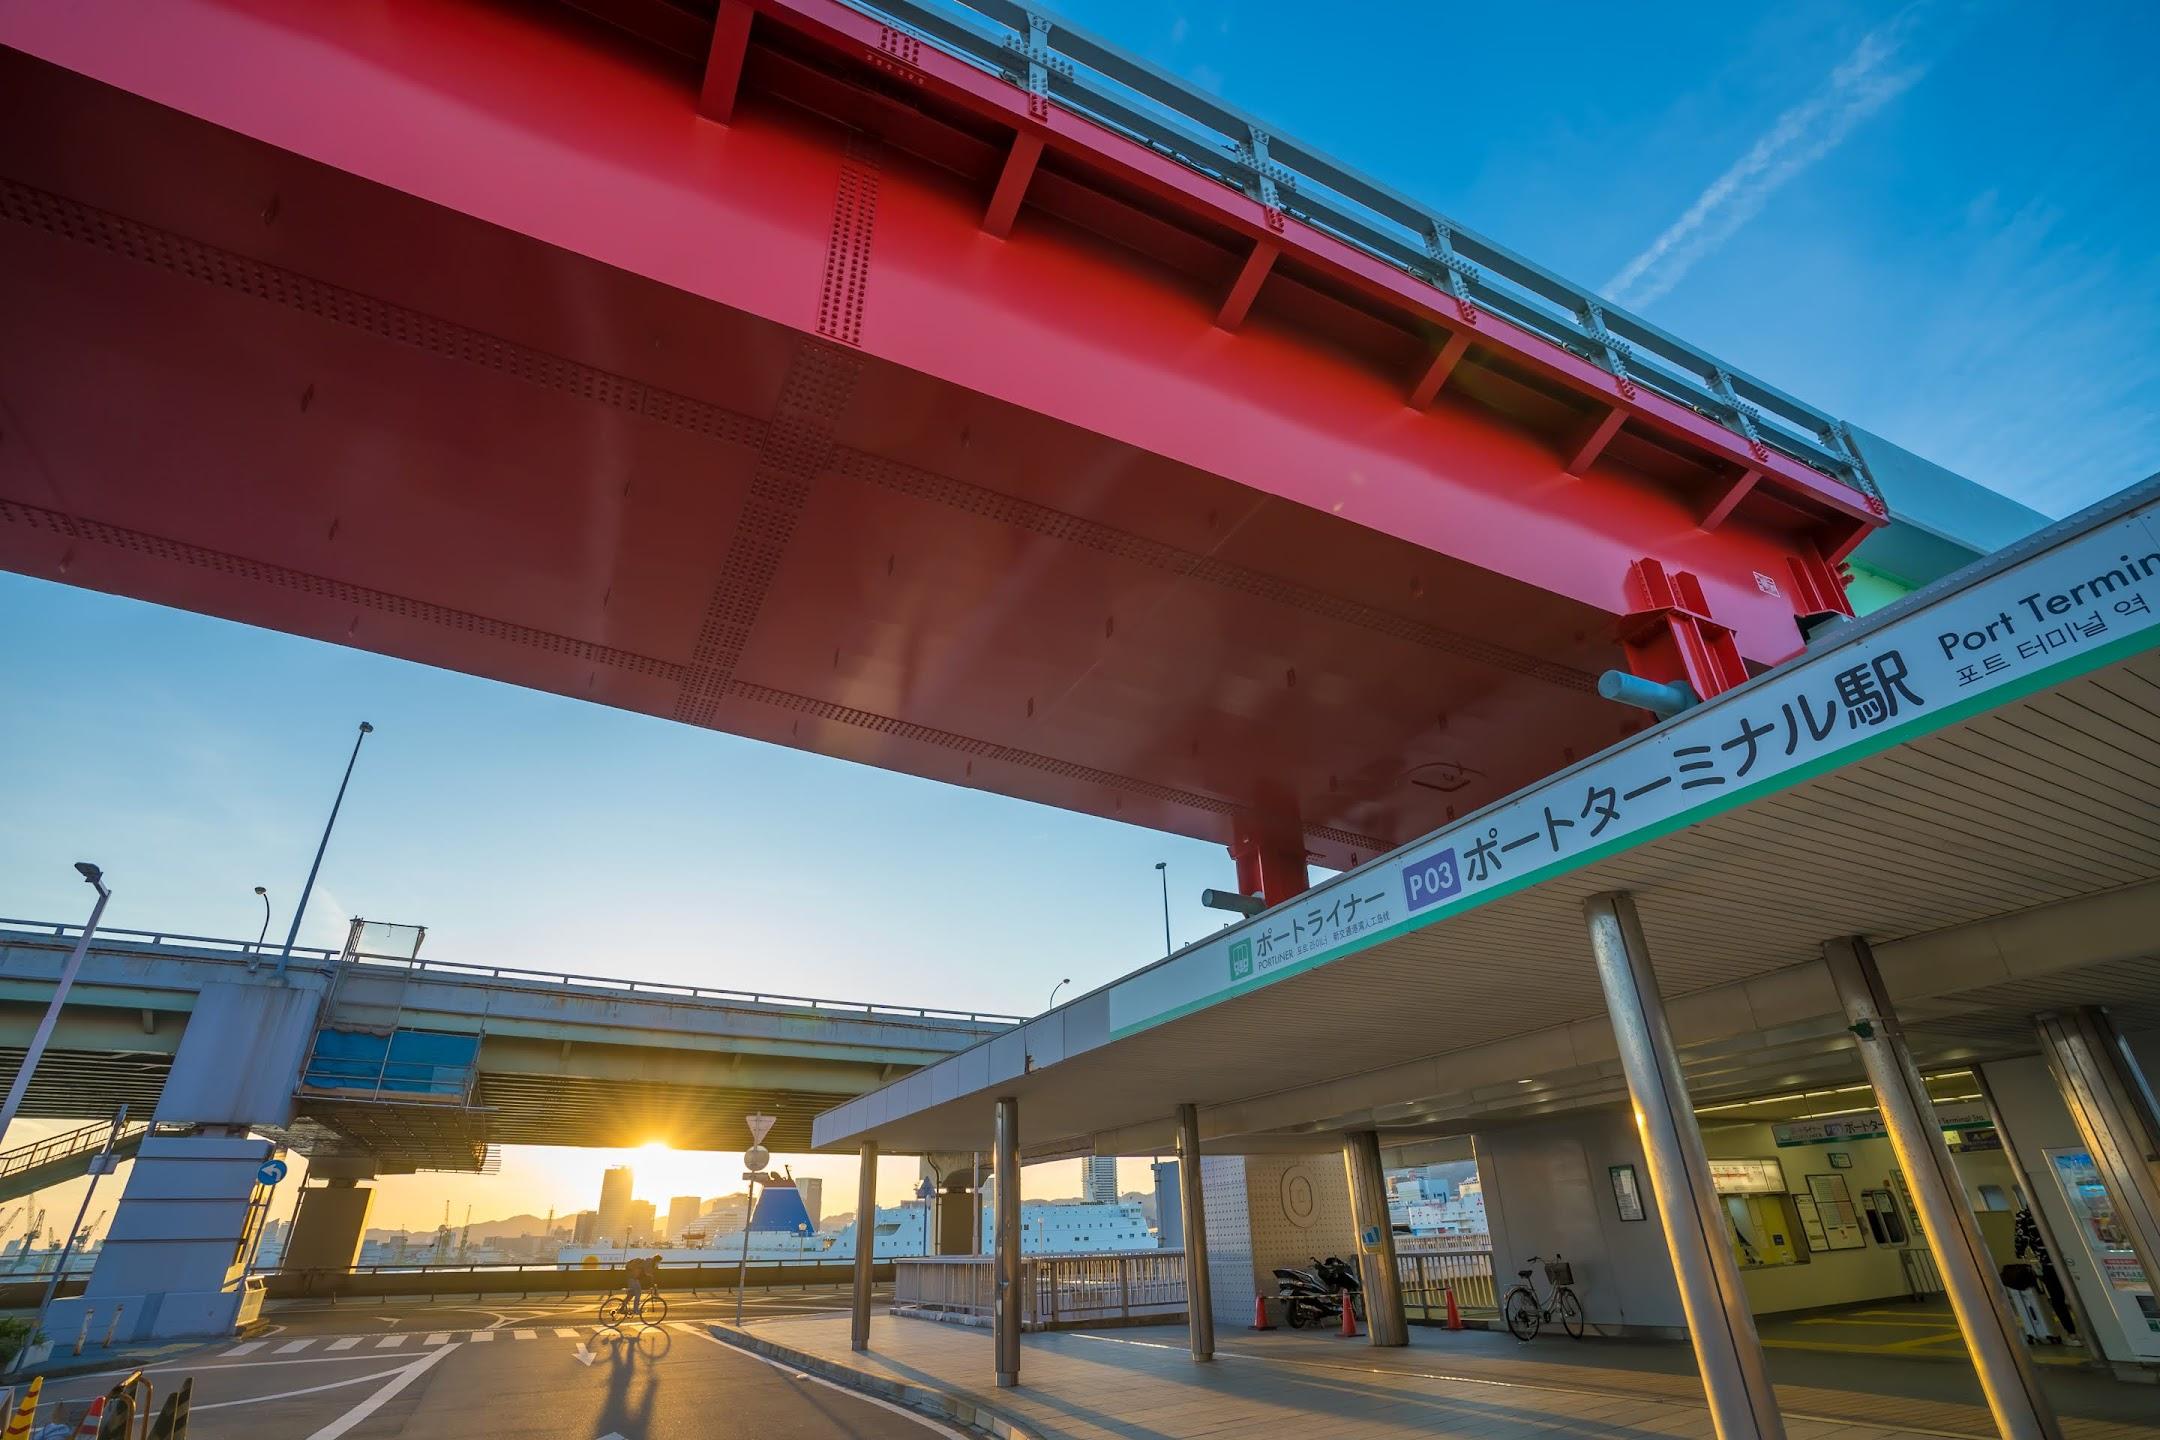 神戸 ポートターミナル駅